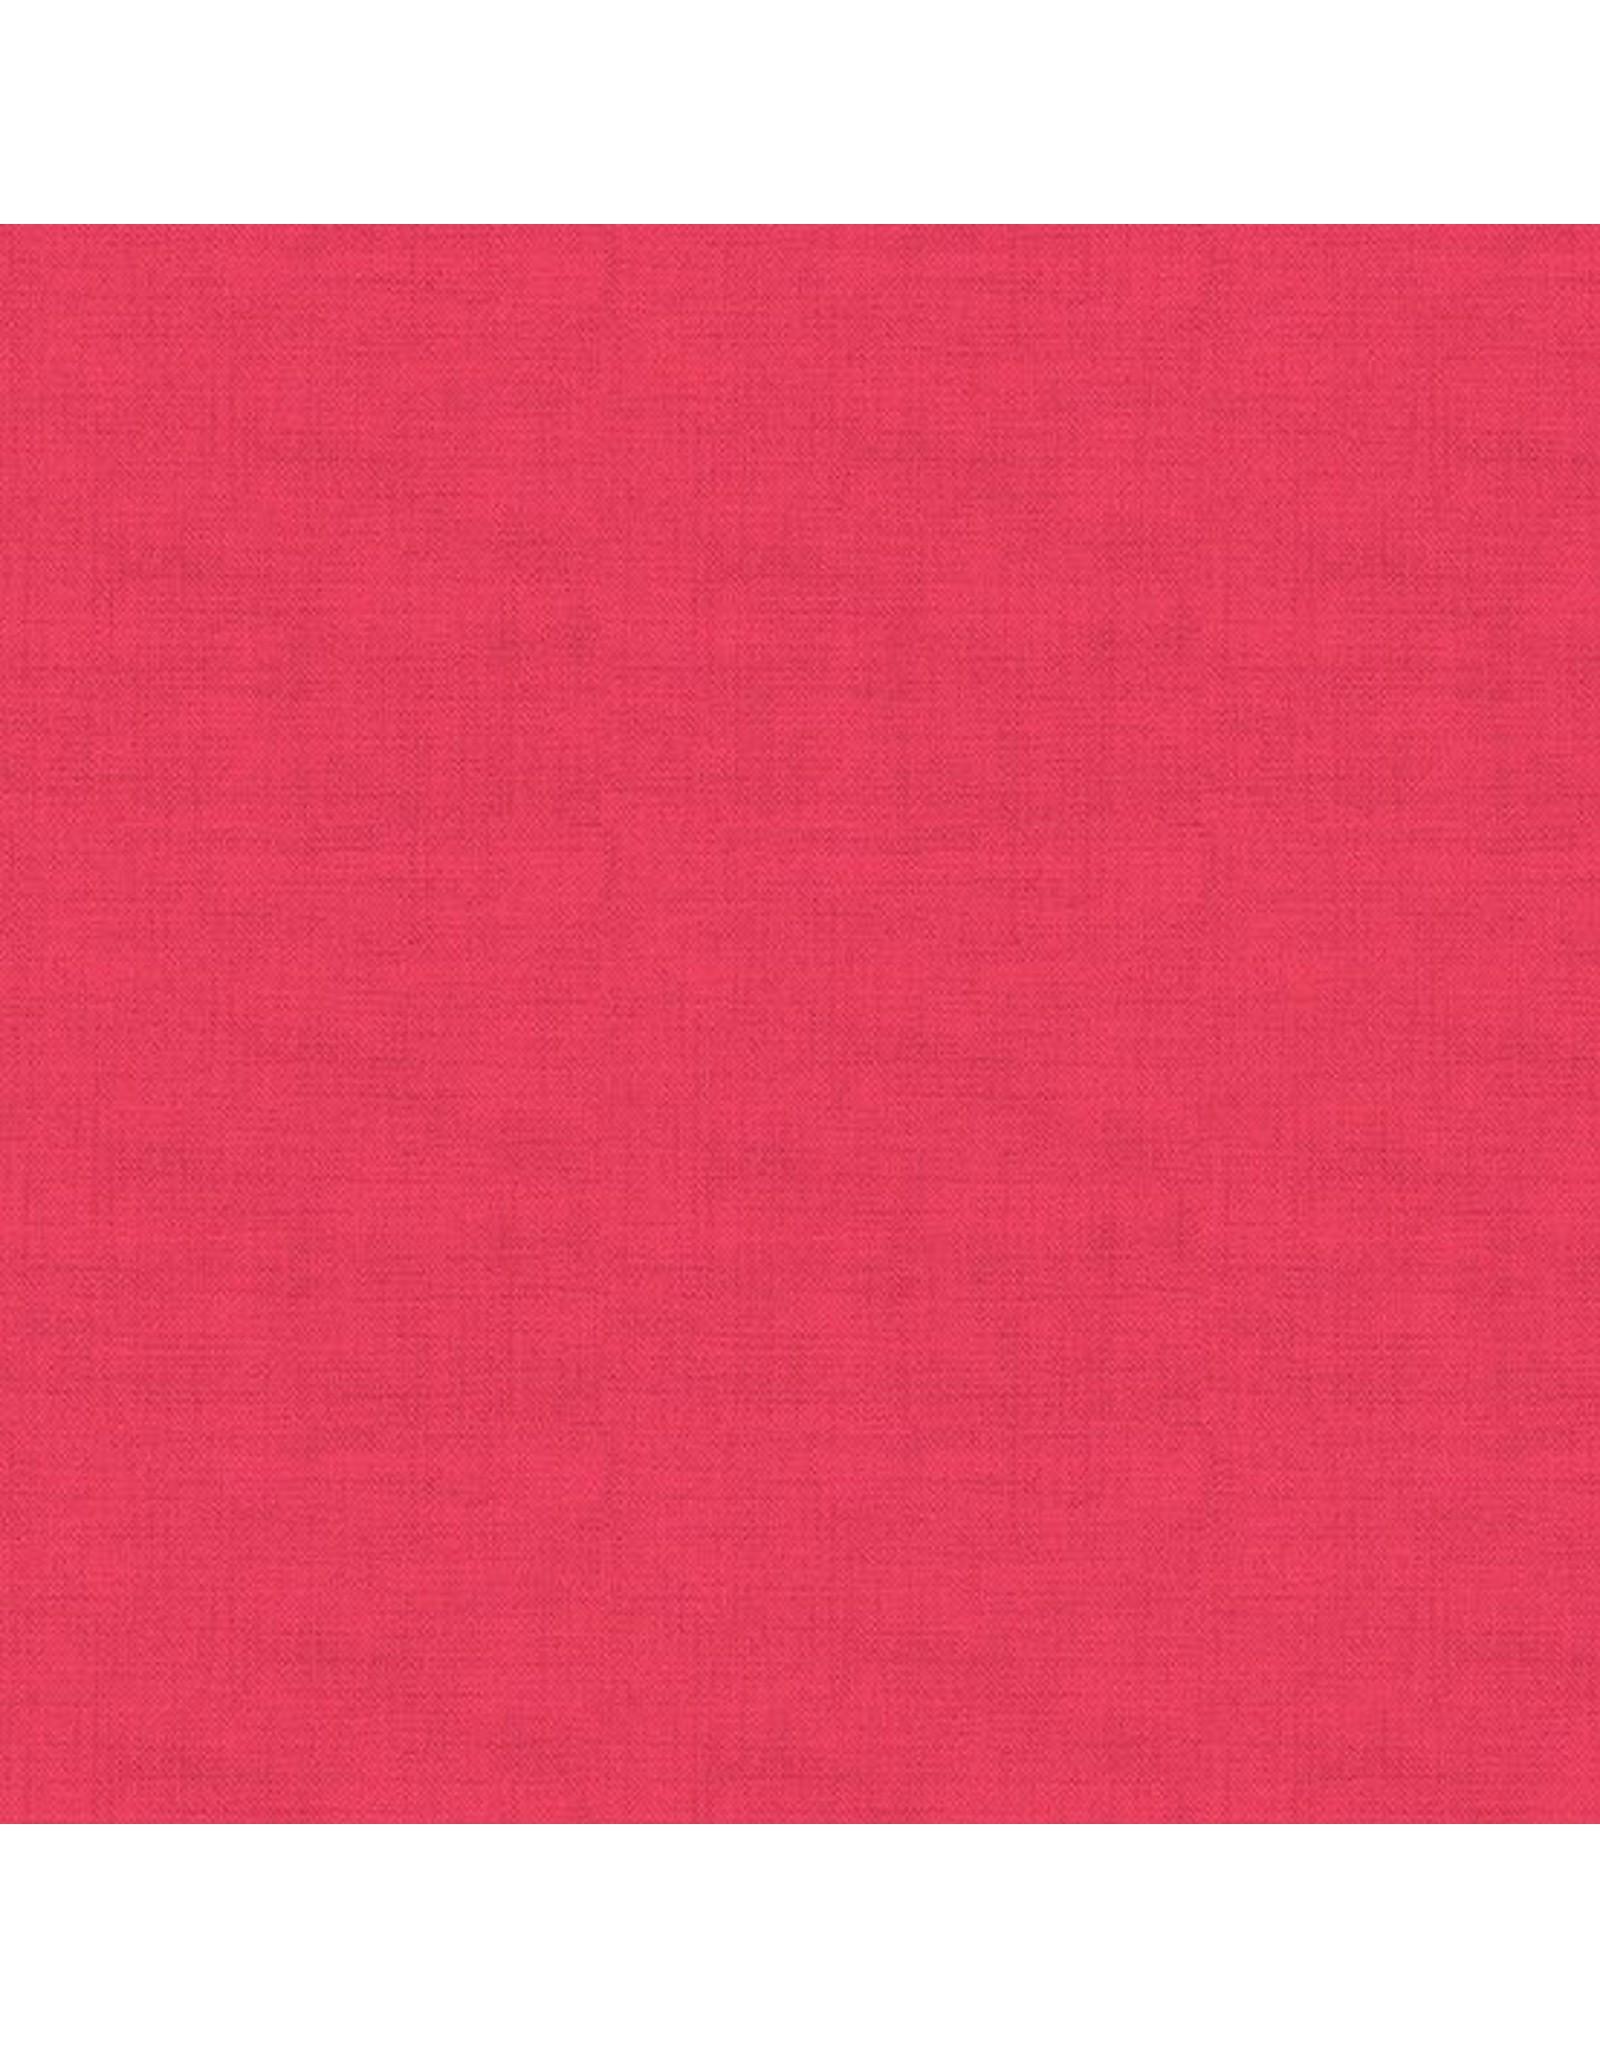 Makower UK Linen Texture - Fuchsia